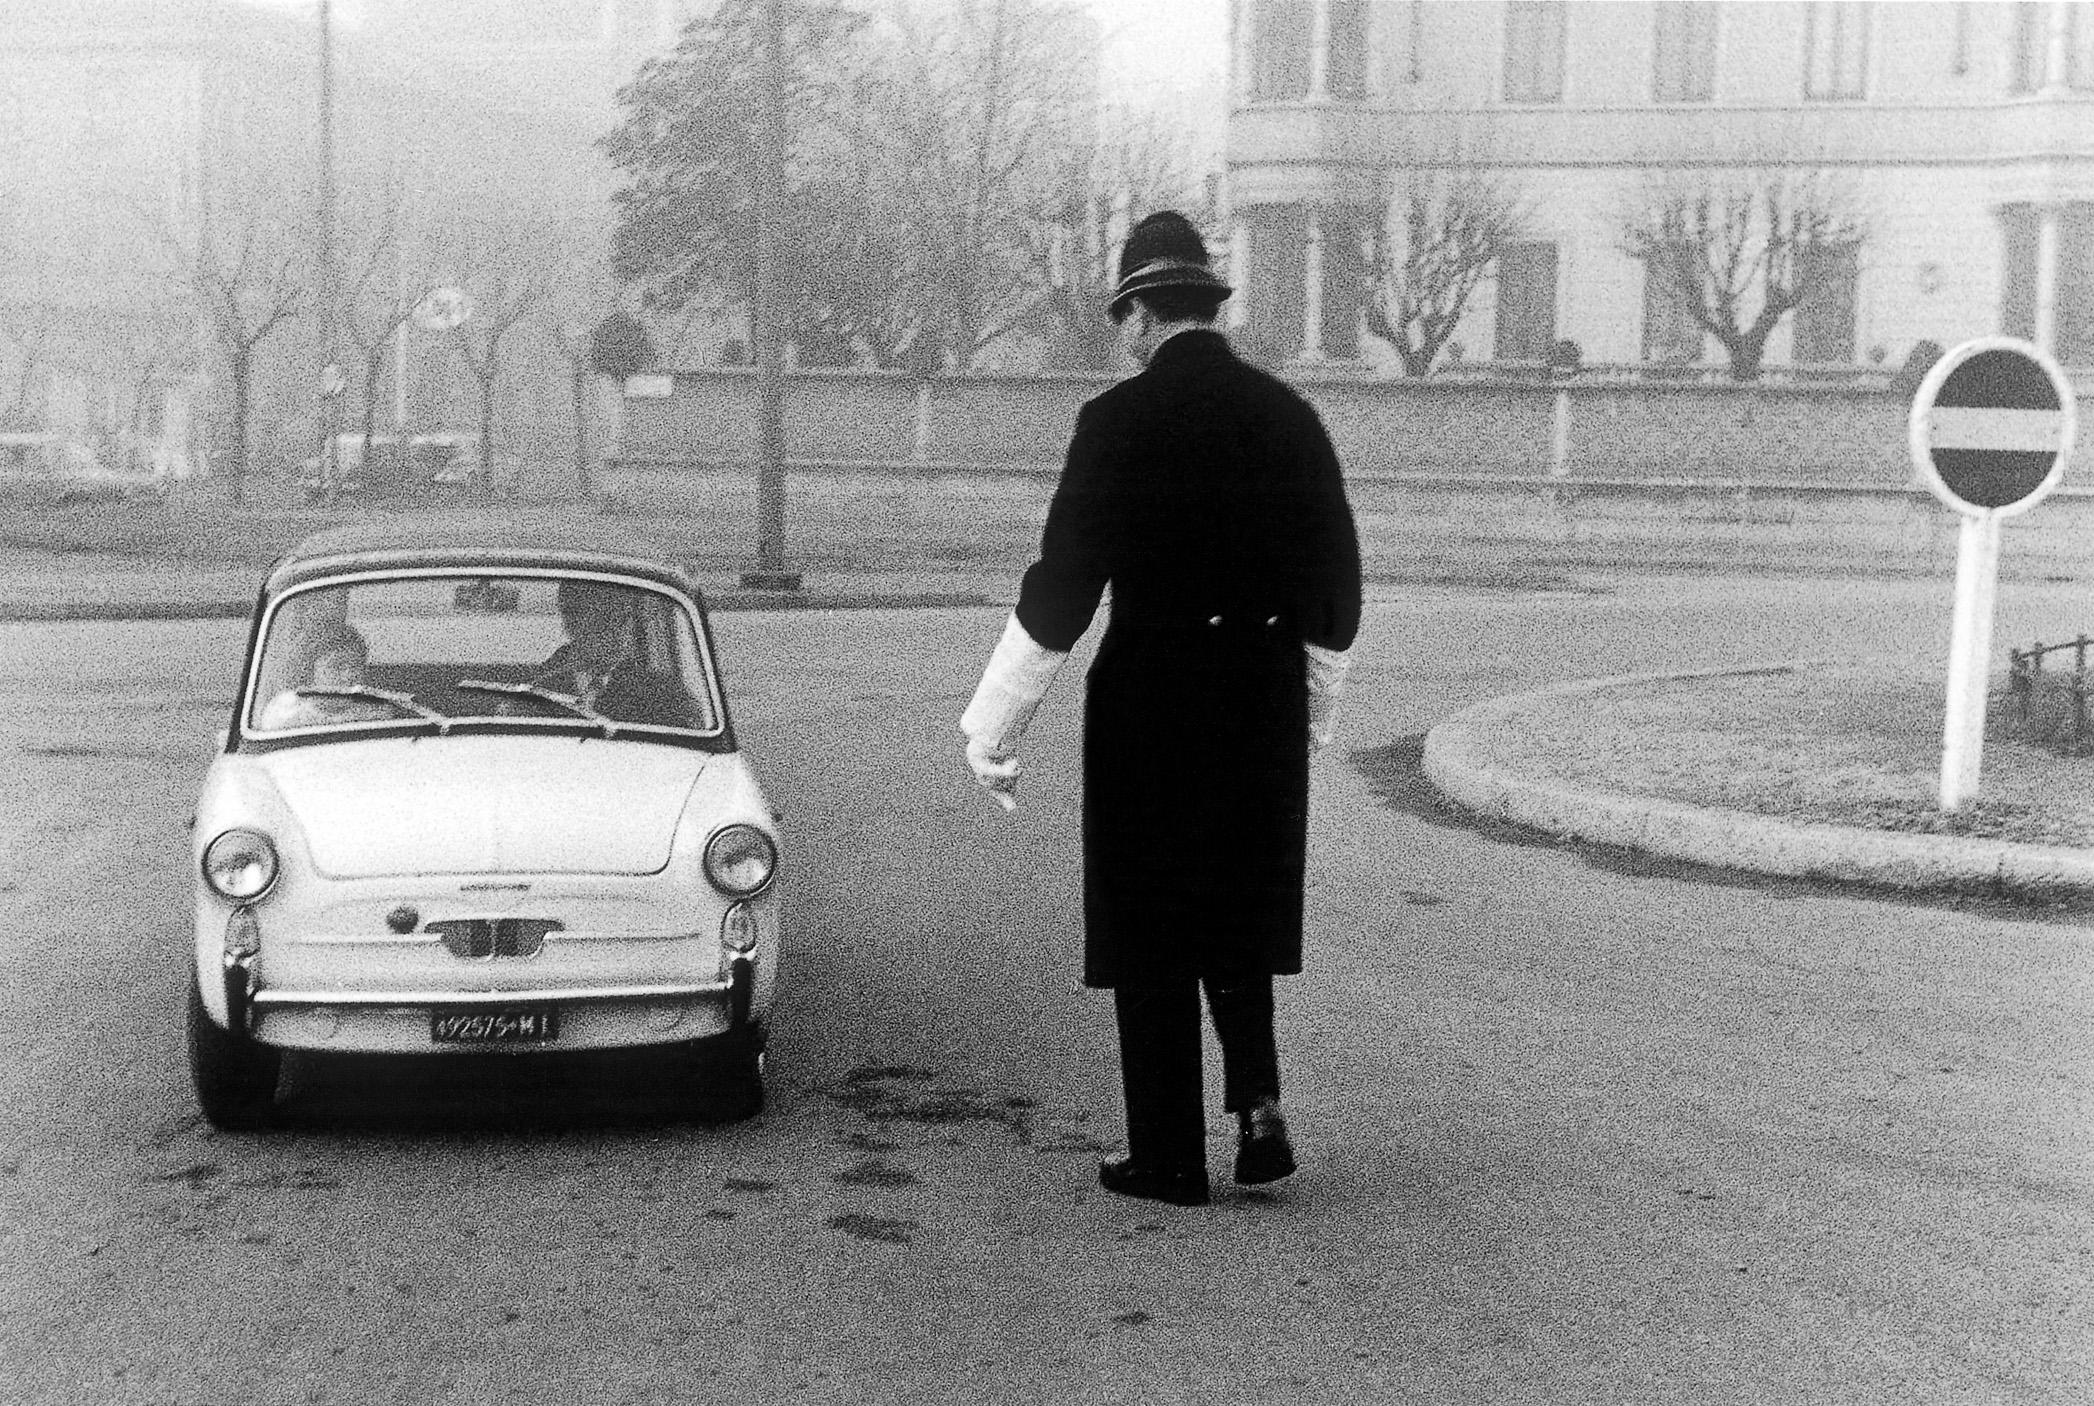 Gianni Berengo Gardin, Milano 1959